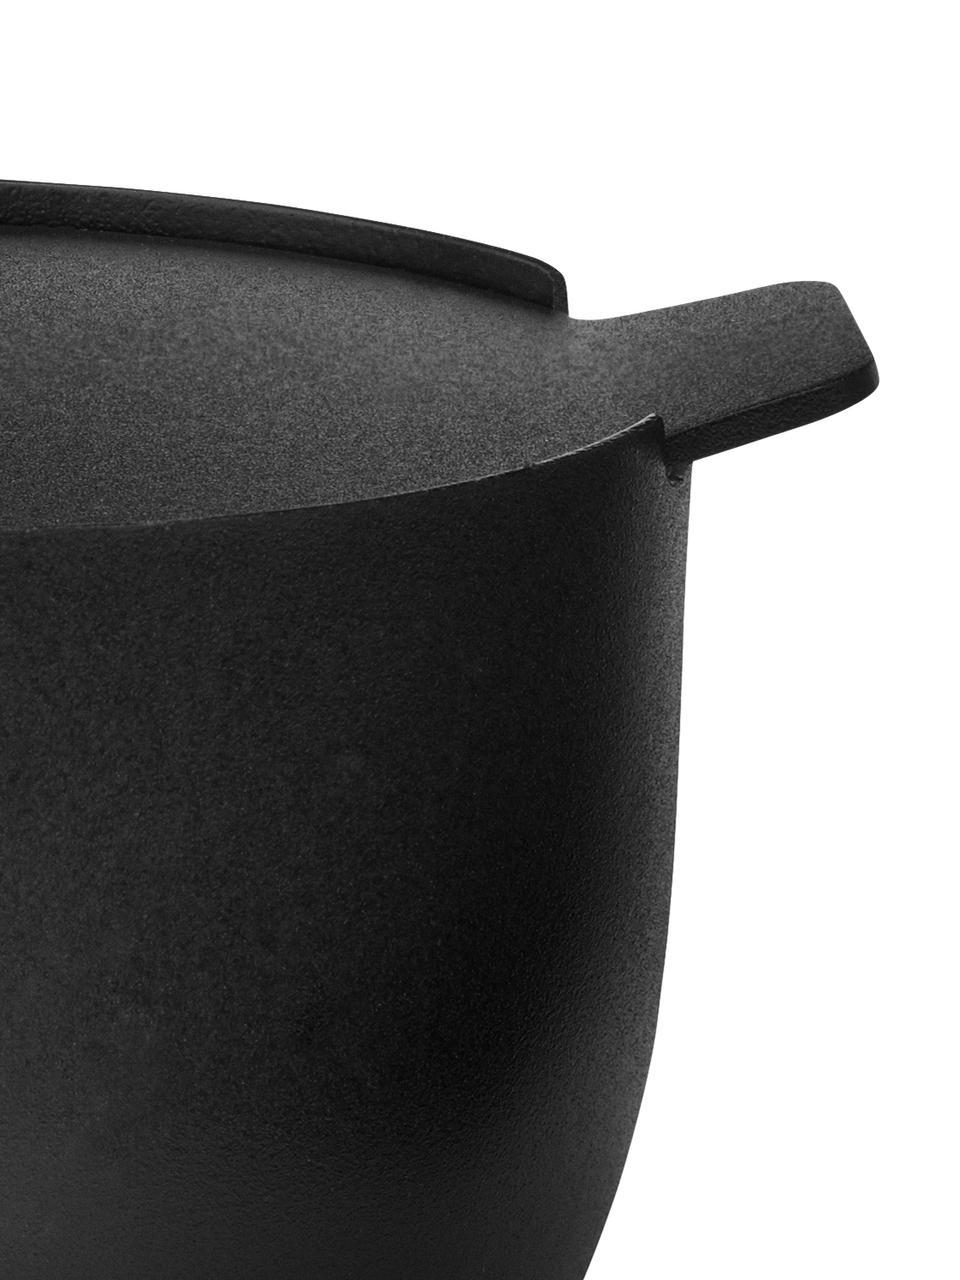 Cukiernica Collar, Stal nierdzewna z powłoką teflonową, Czarny, Ø 8 x W 6 cm